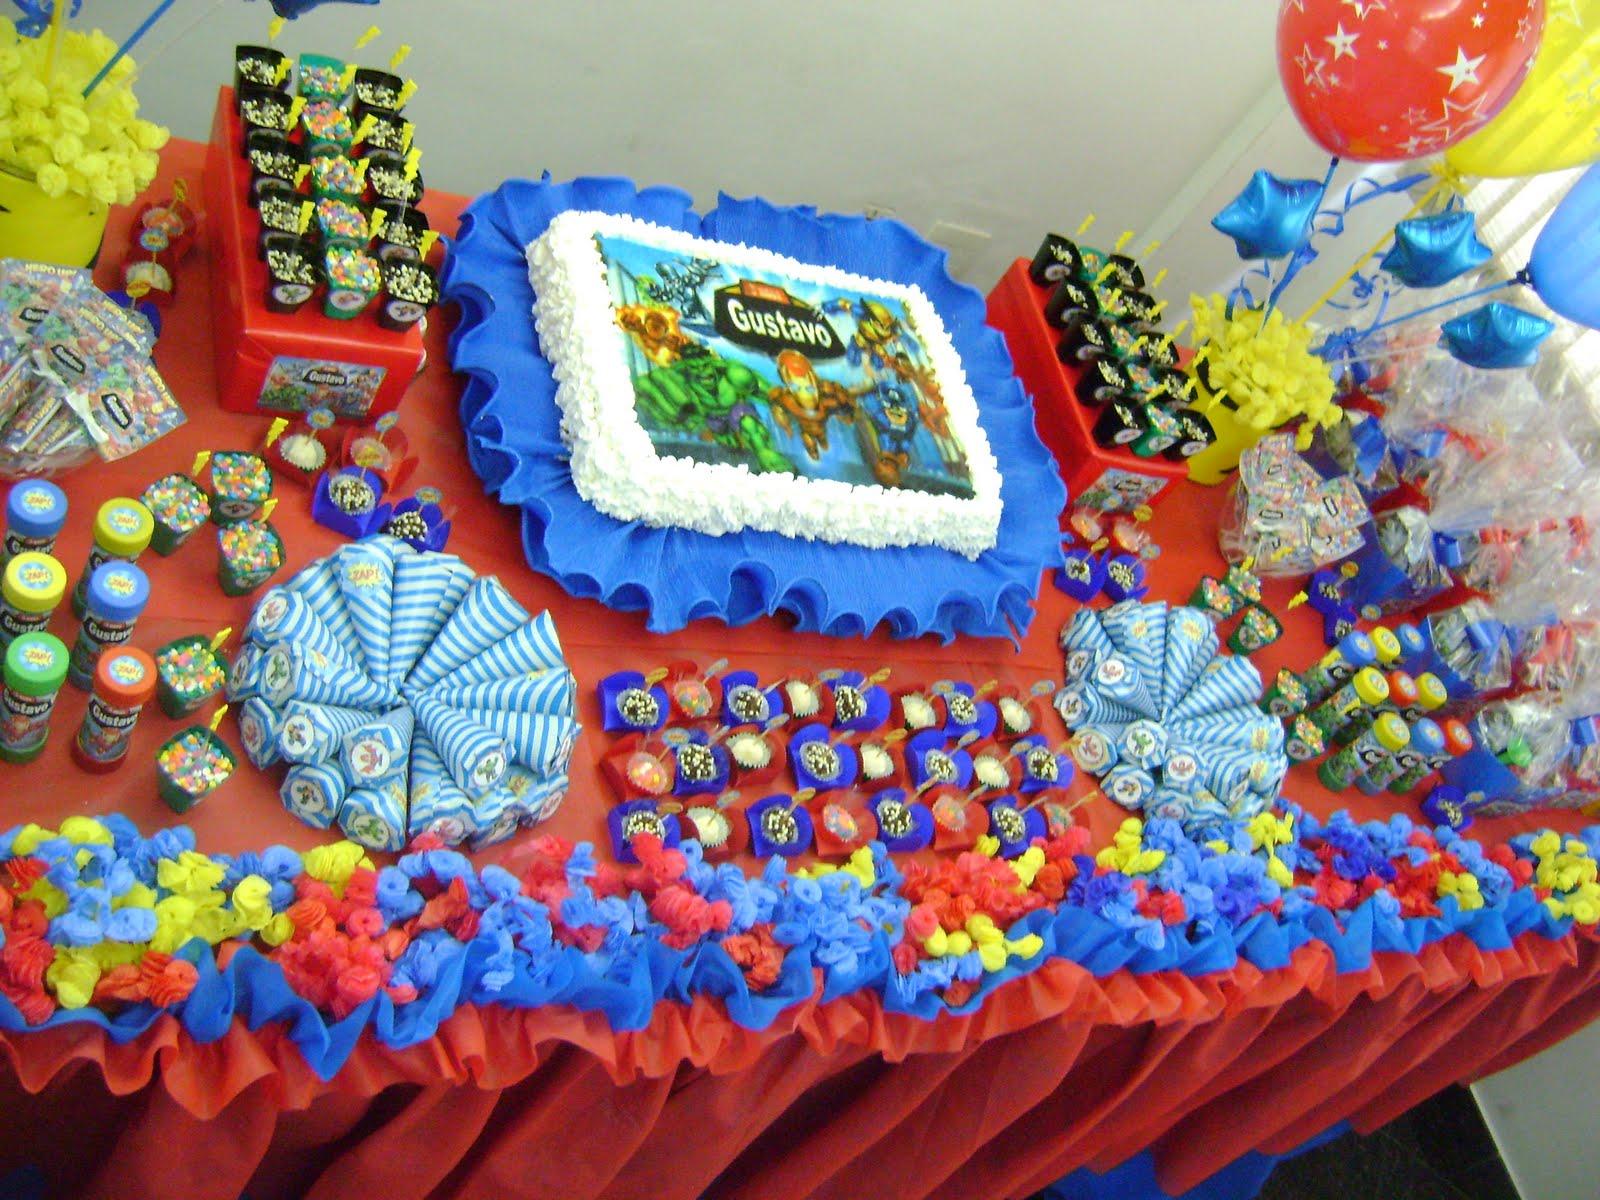 decoracao festa wolverine : decoracao festa wolverine:Arte de Presentear Personalizados: Festa dos Herois Marvel – Gustavo 3